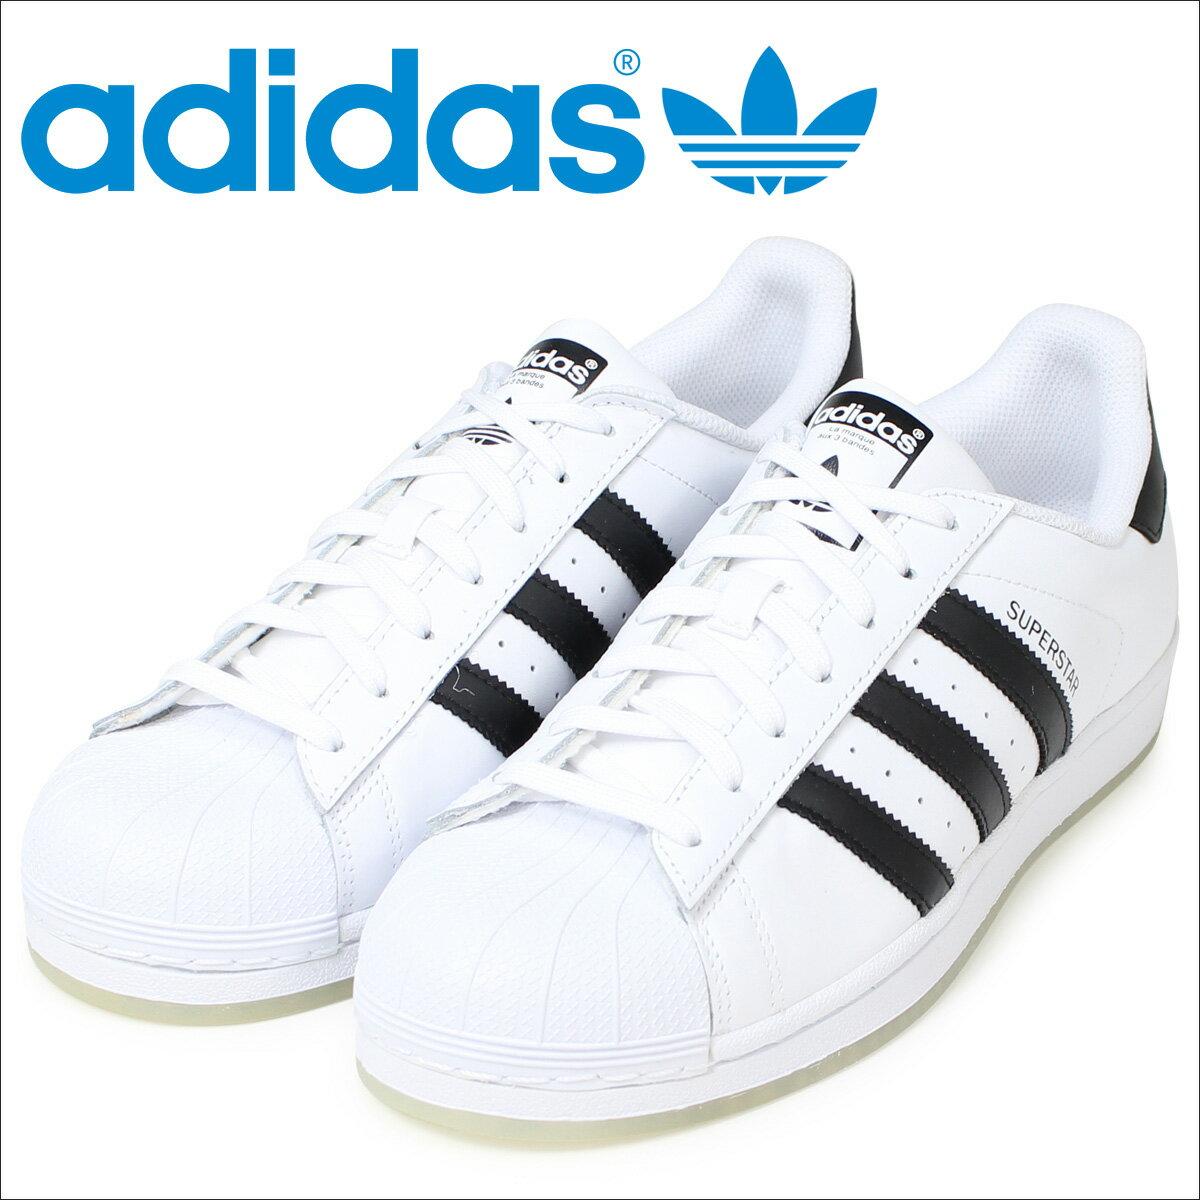 アディダス スーパースター adidas Originals スニーカー  SUPERSTAR メンズ B49794 靴 ホワイト オリジナルス [S10] [返品不可]